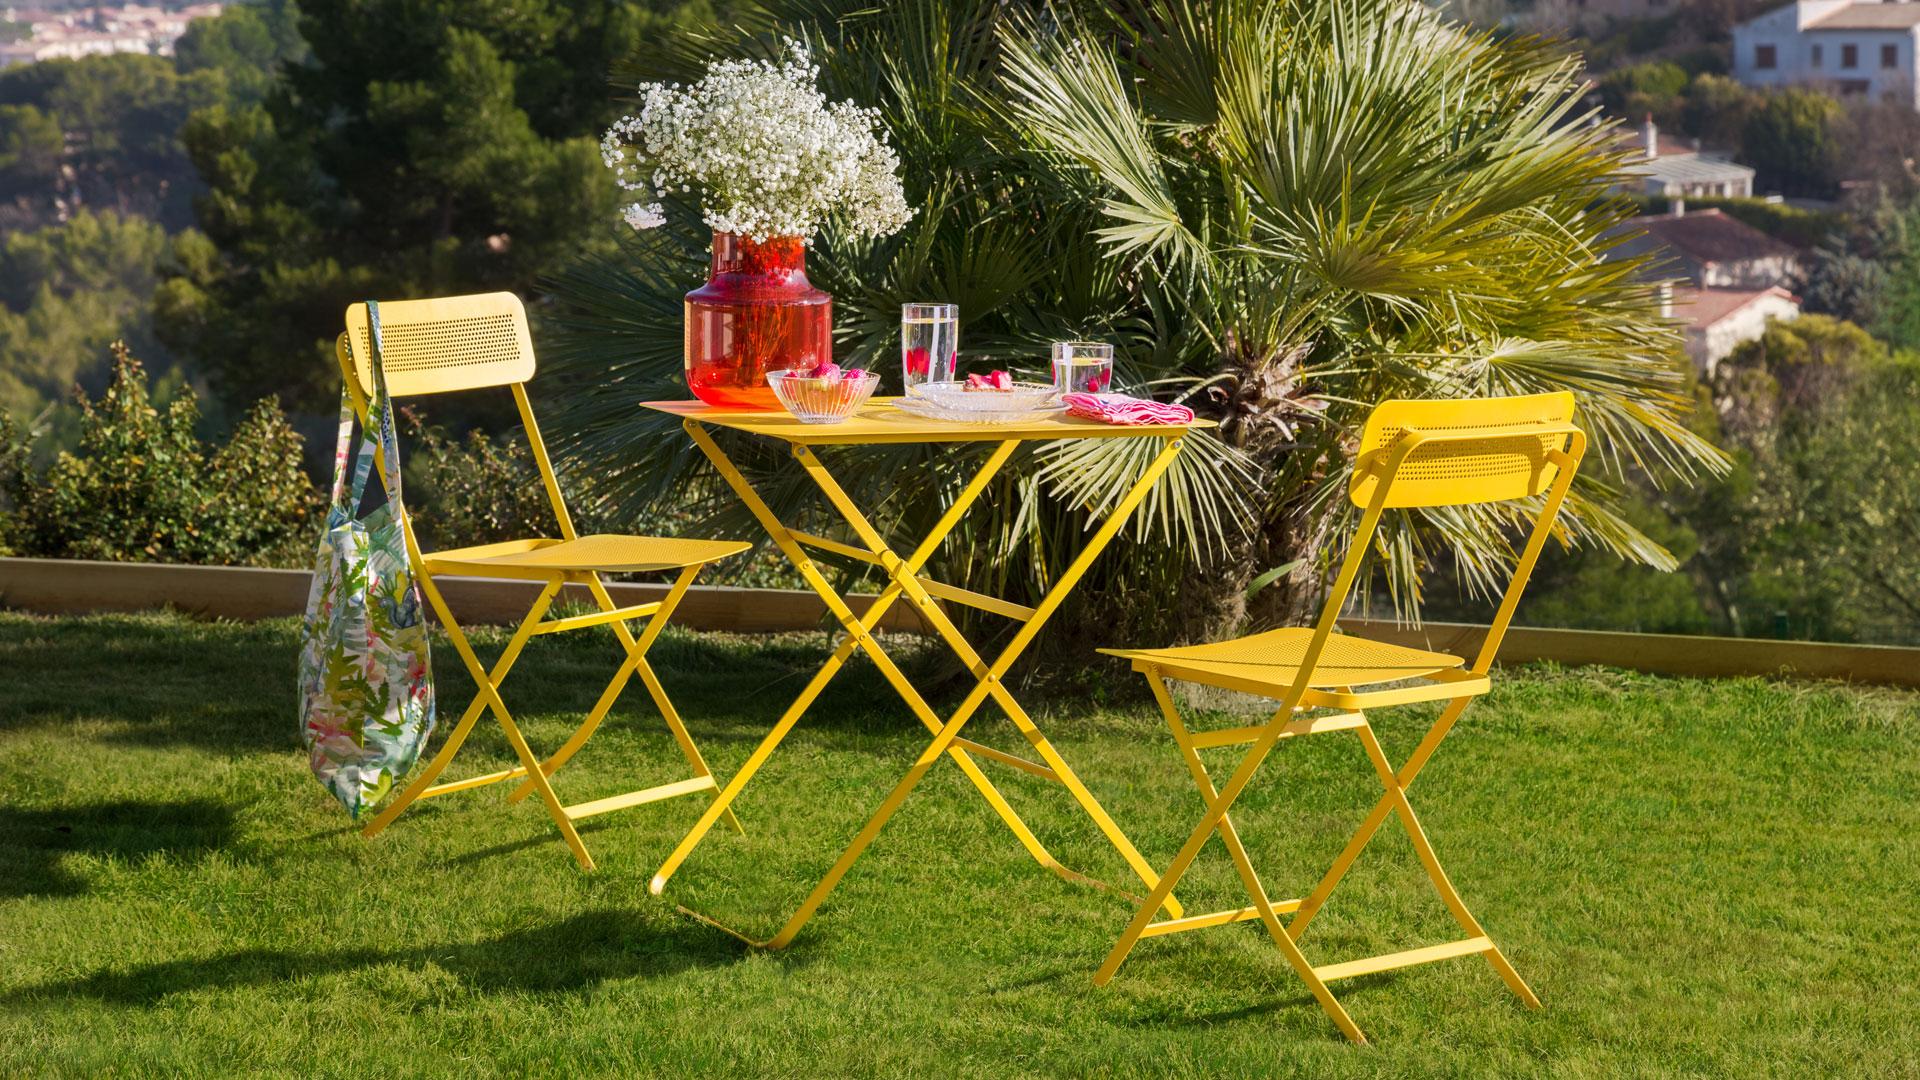 Comment Choisir Le Mobilier De Jardin : Critères, Prix ... avec Mobiler De Jardin